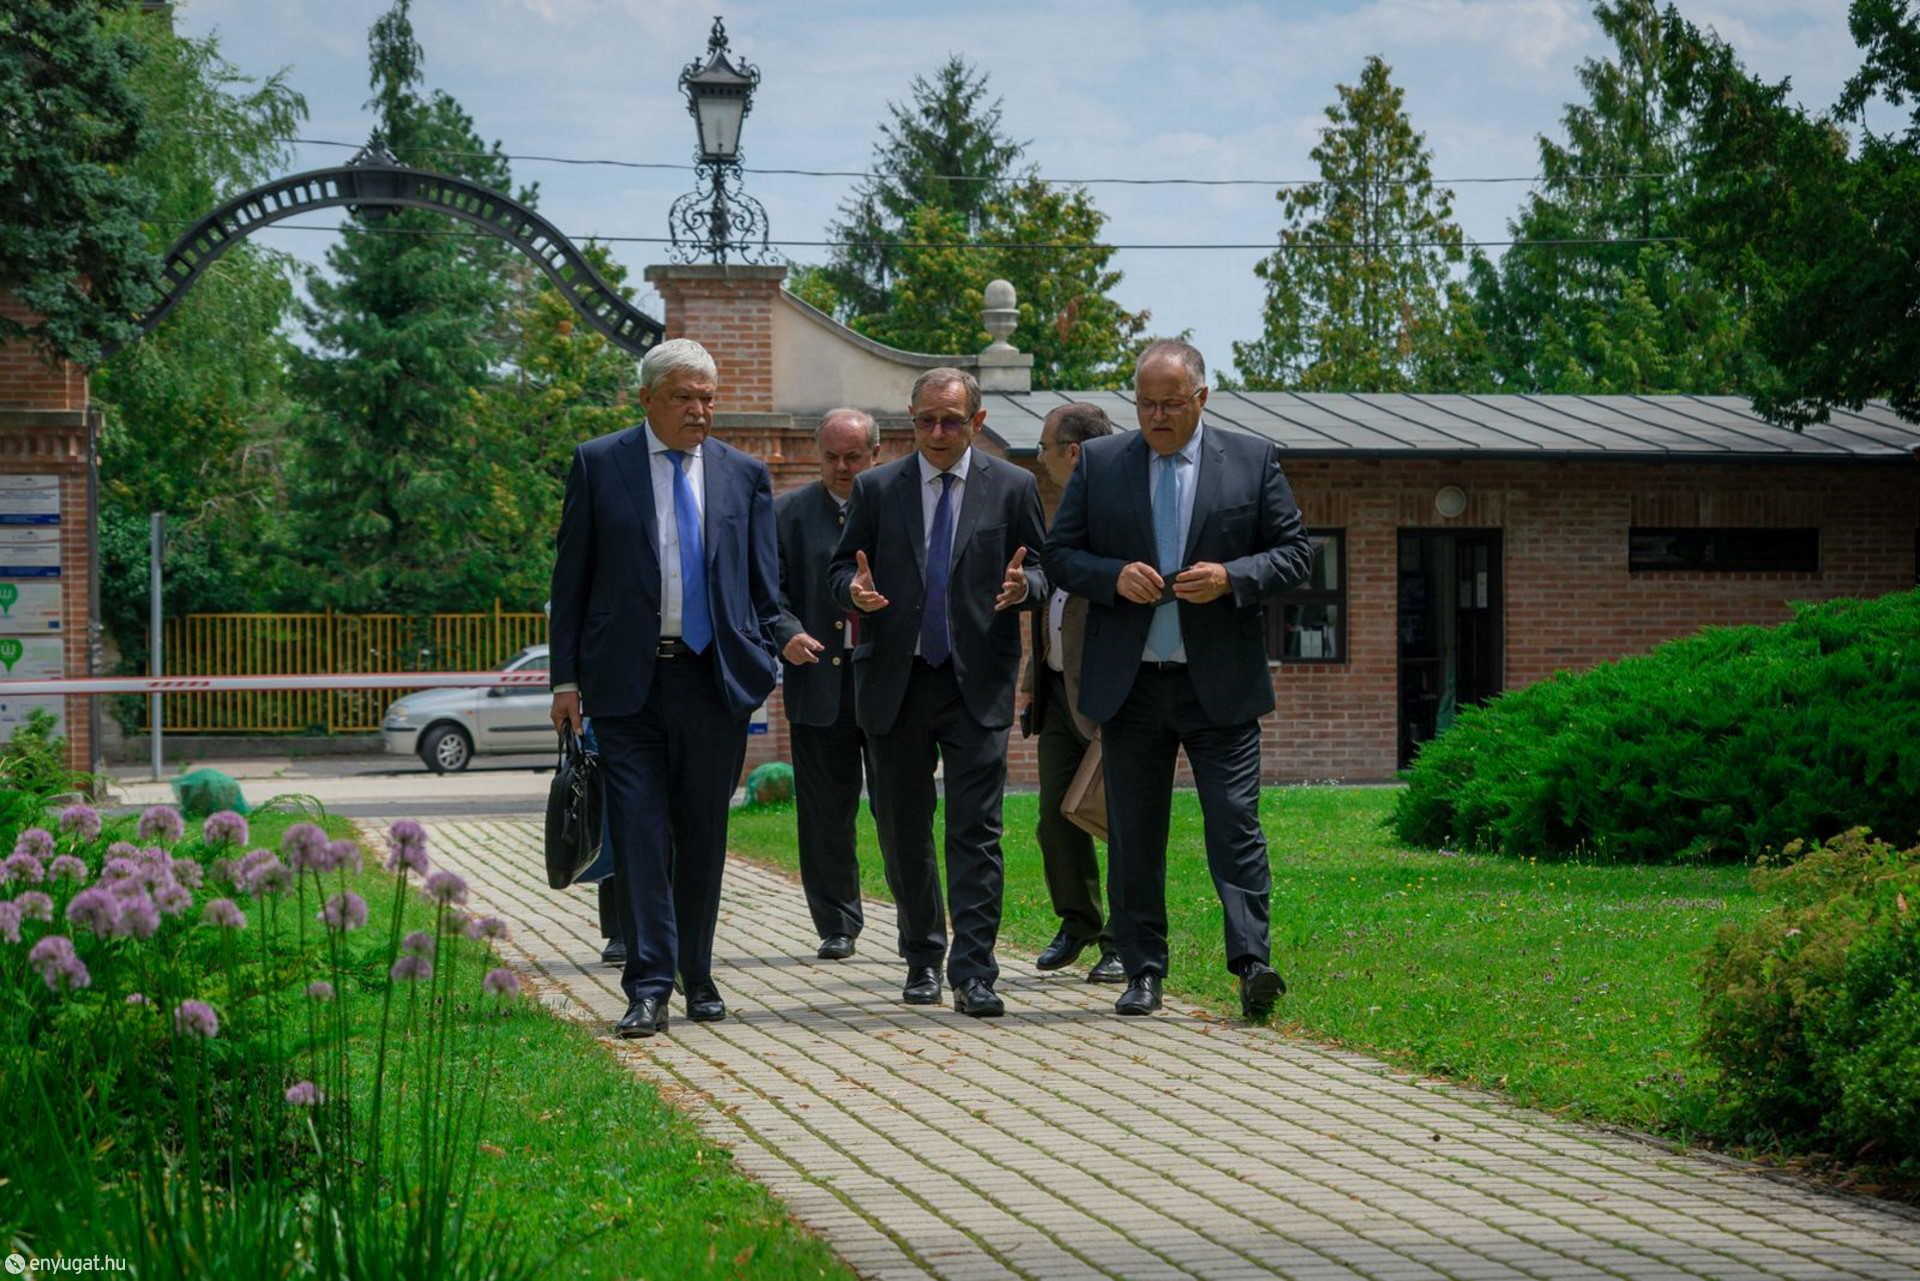 Dr. Csányi Sándor, a Soproni Egyetemért Alapítvány kuratóriumának elnöke, Prof. Dr. Náhlik András leköszönő rektor és Prof. Dr.